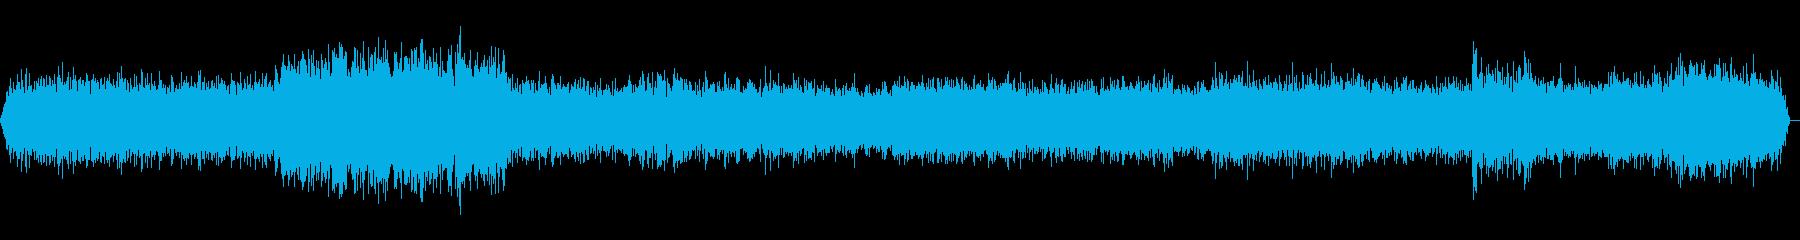 新幹線車内走行音 環境音(ステレオ)の再生済みの波形